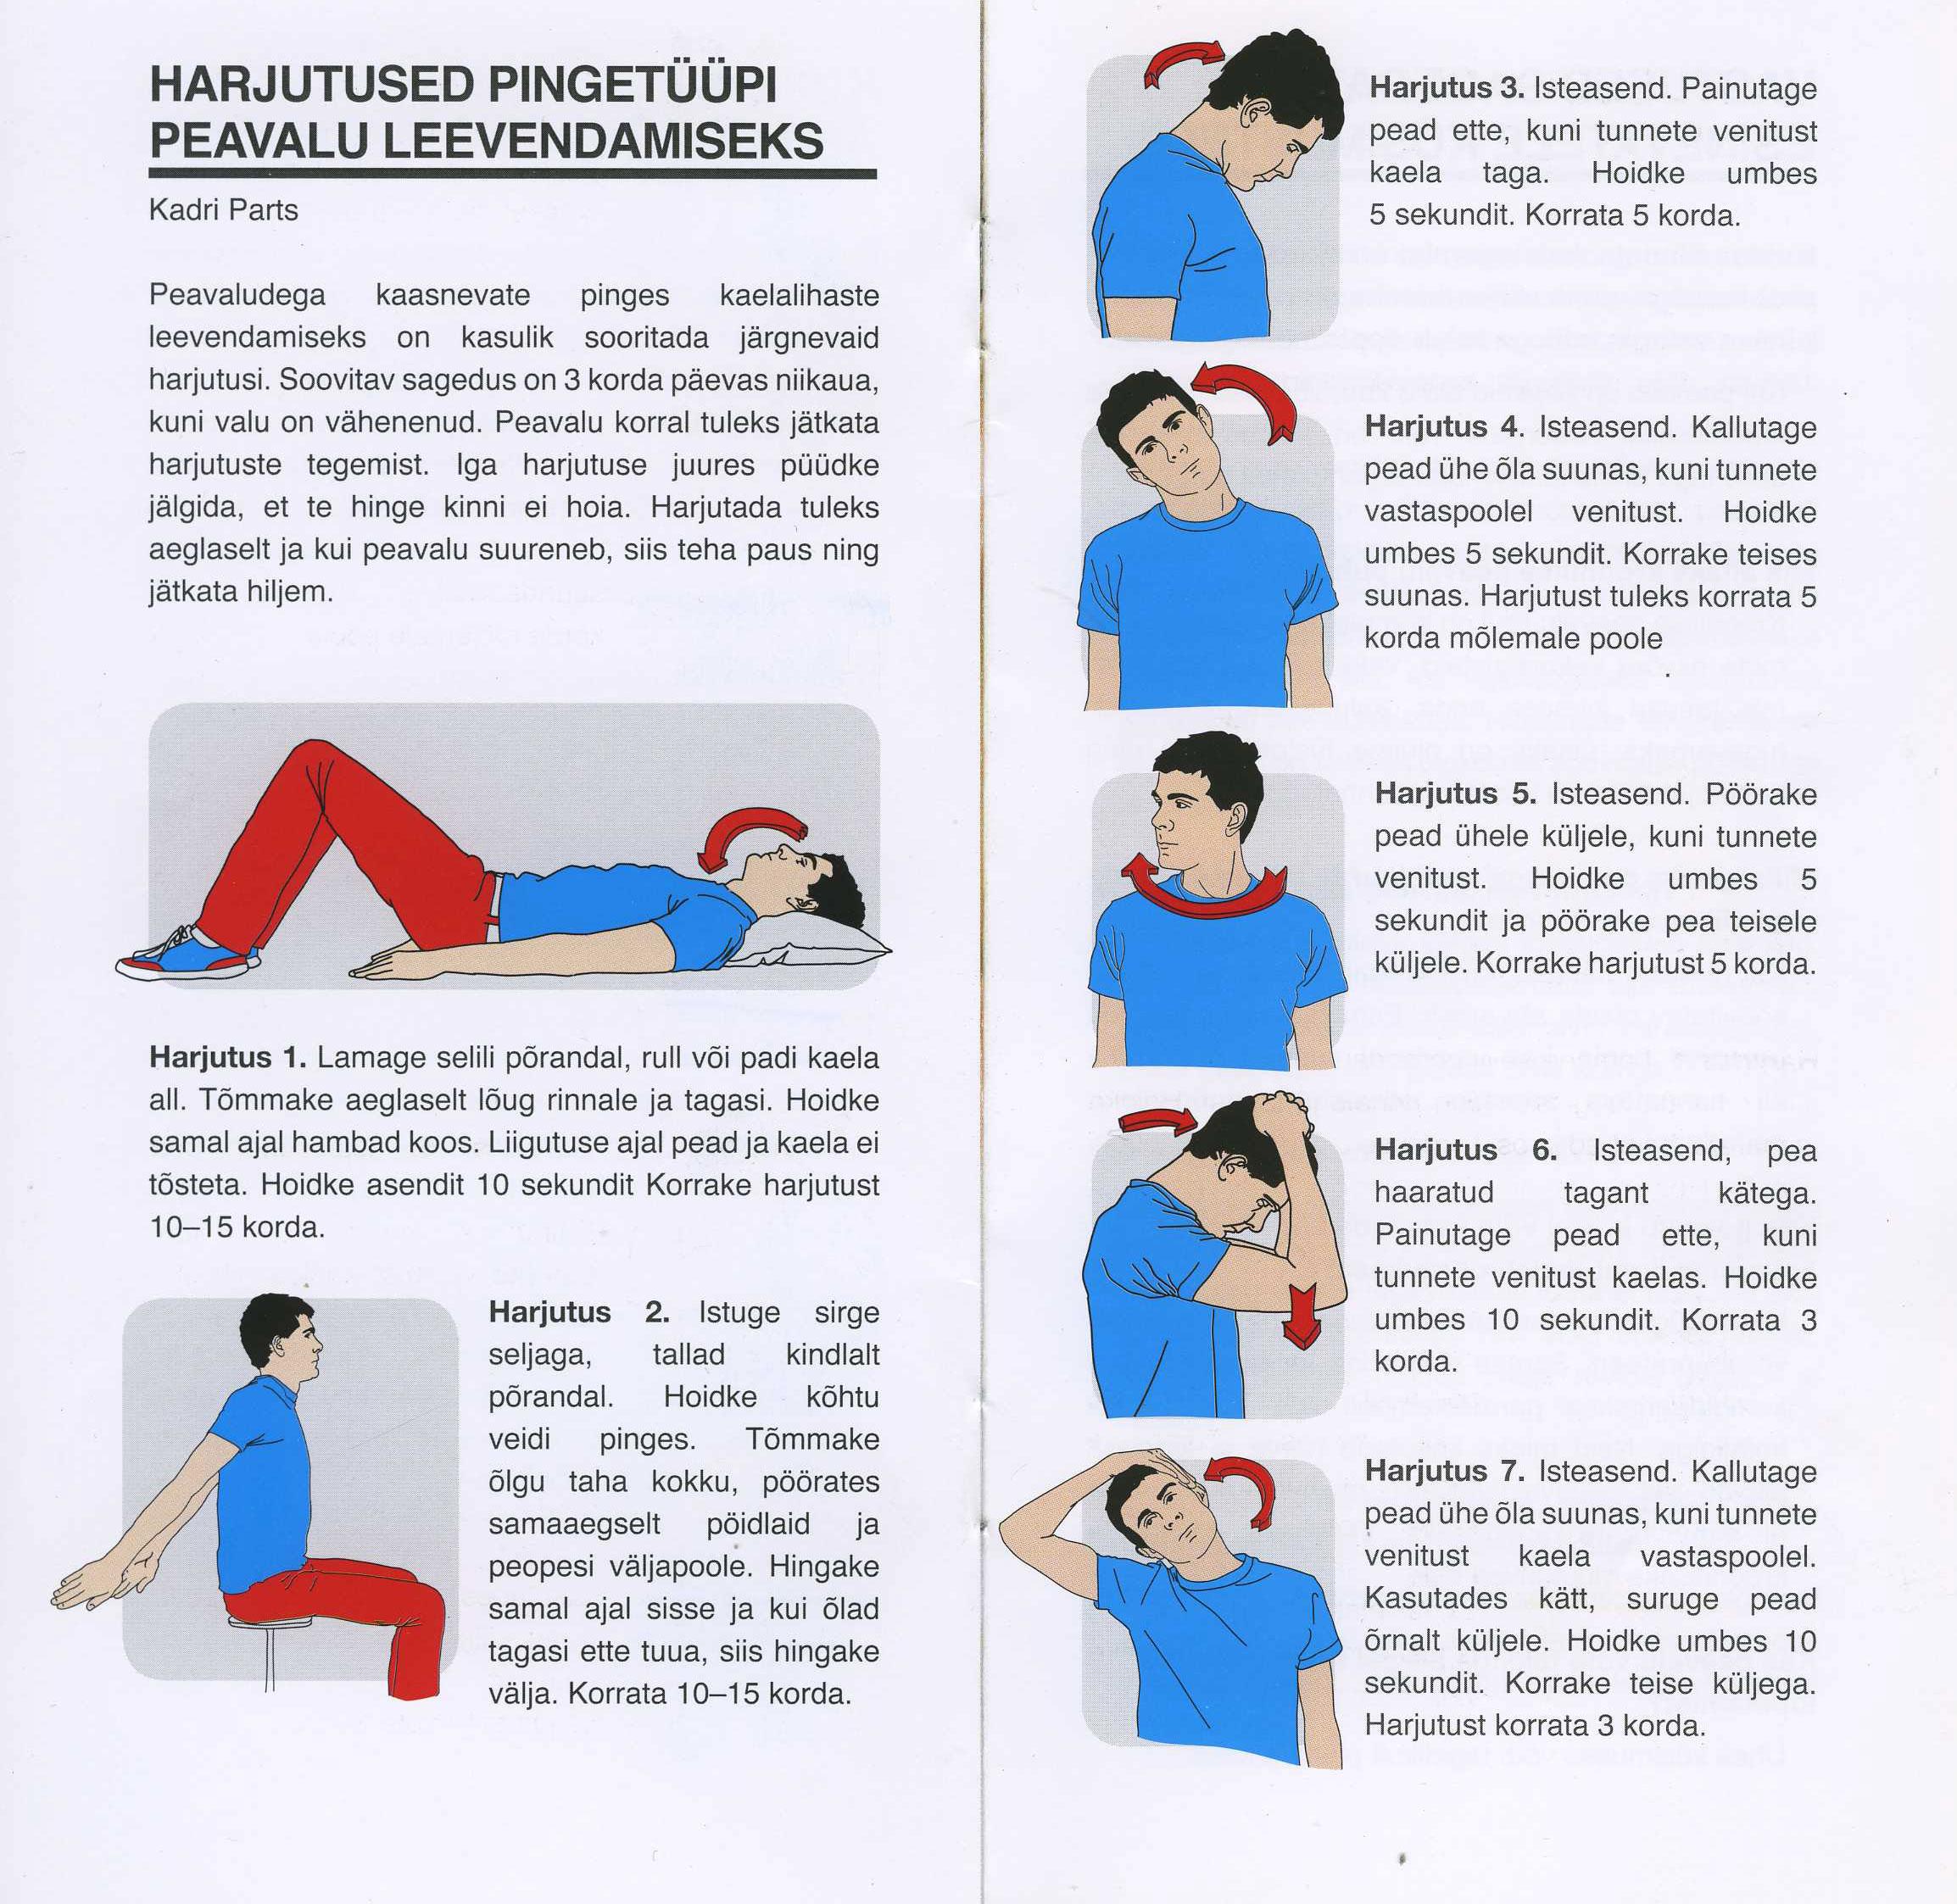 Jatkata peavalu valus liigesed parast magamiskohti